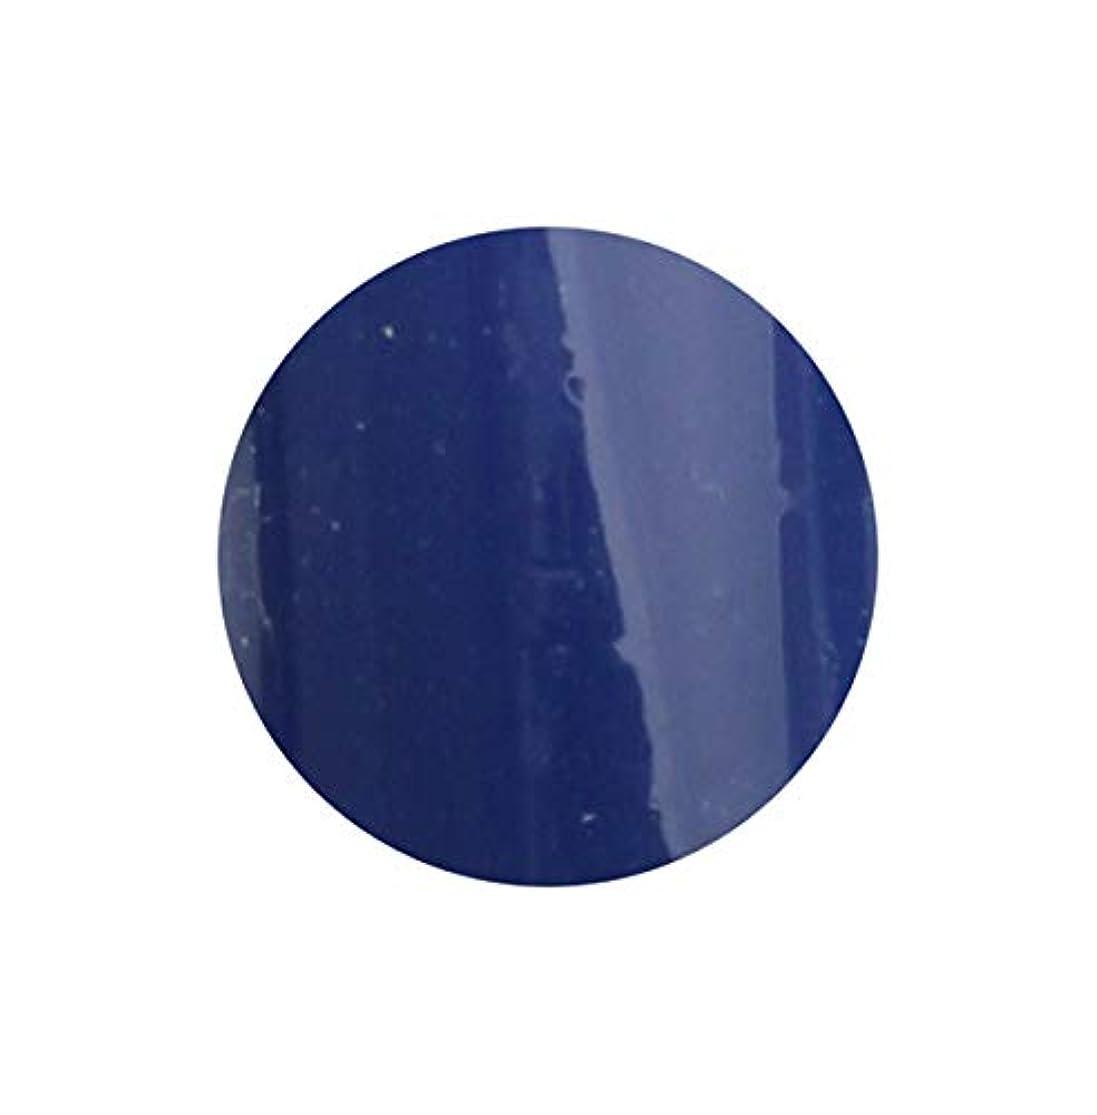 締め切りマダム欺SHAREYDVA シャレドワ+ ネイルカラー No.34 ロイヤルブルー